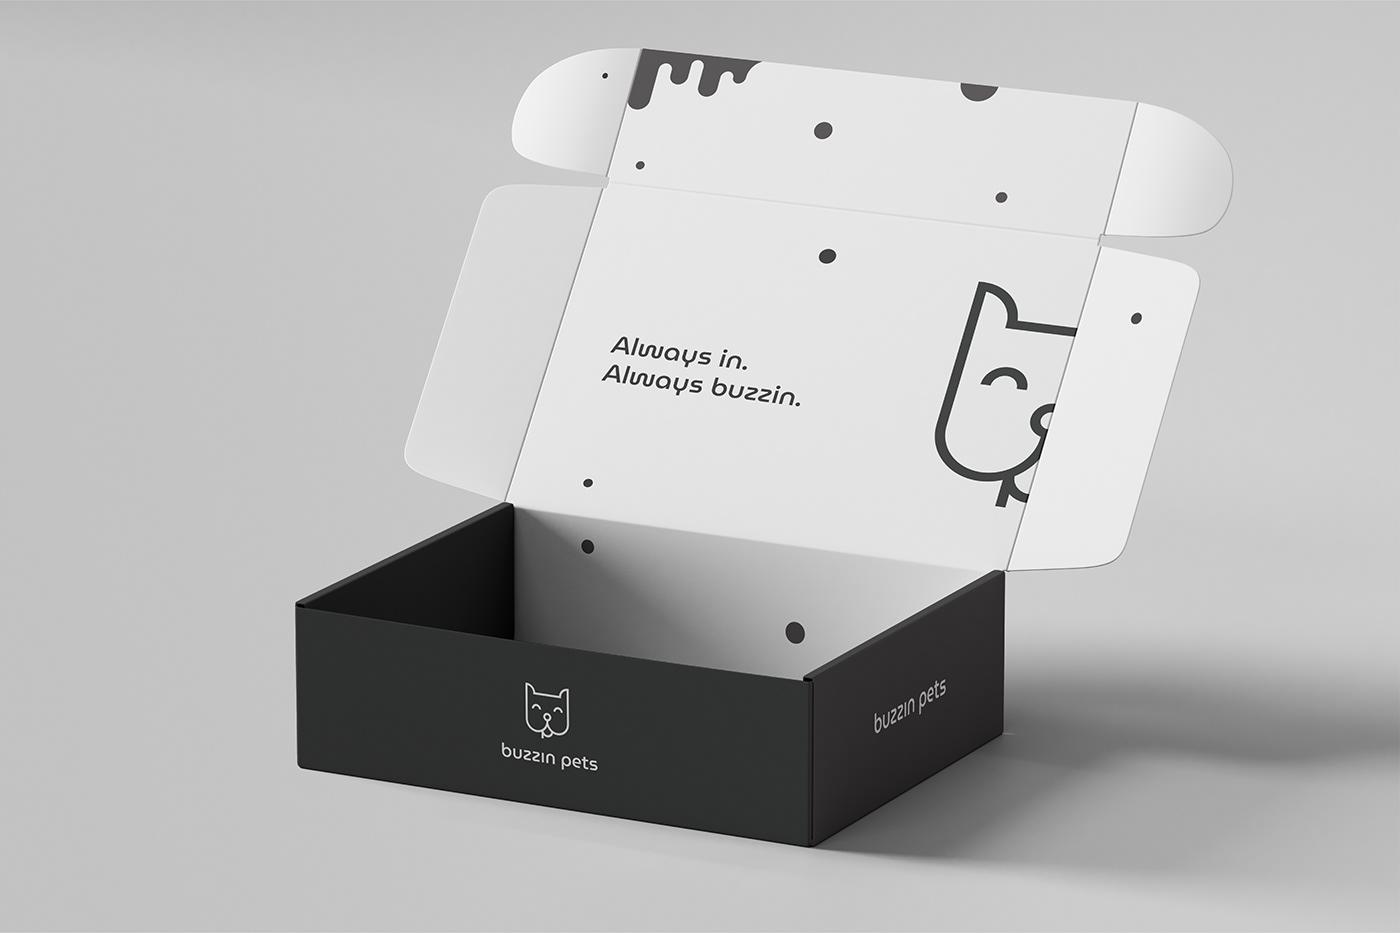 Image may contain: box and computer